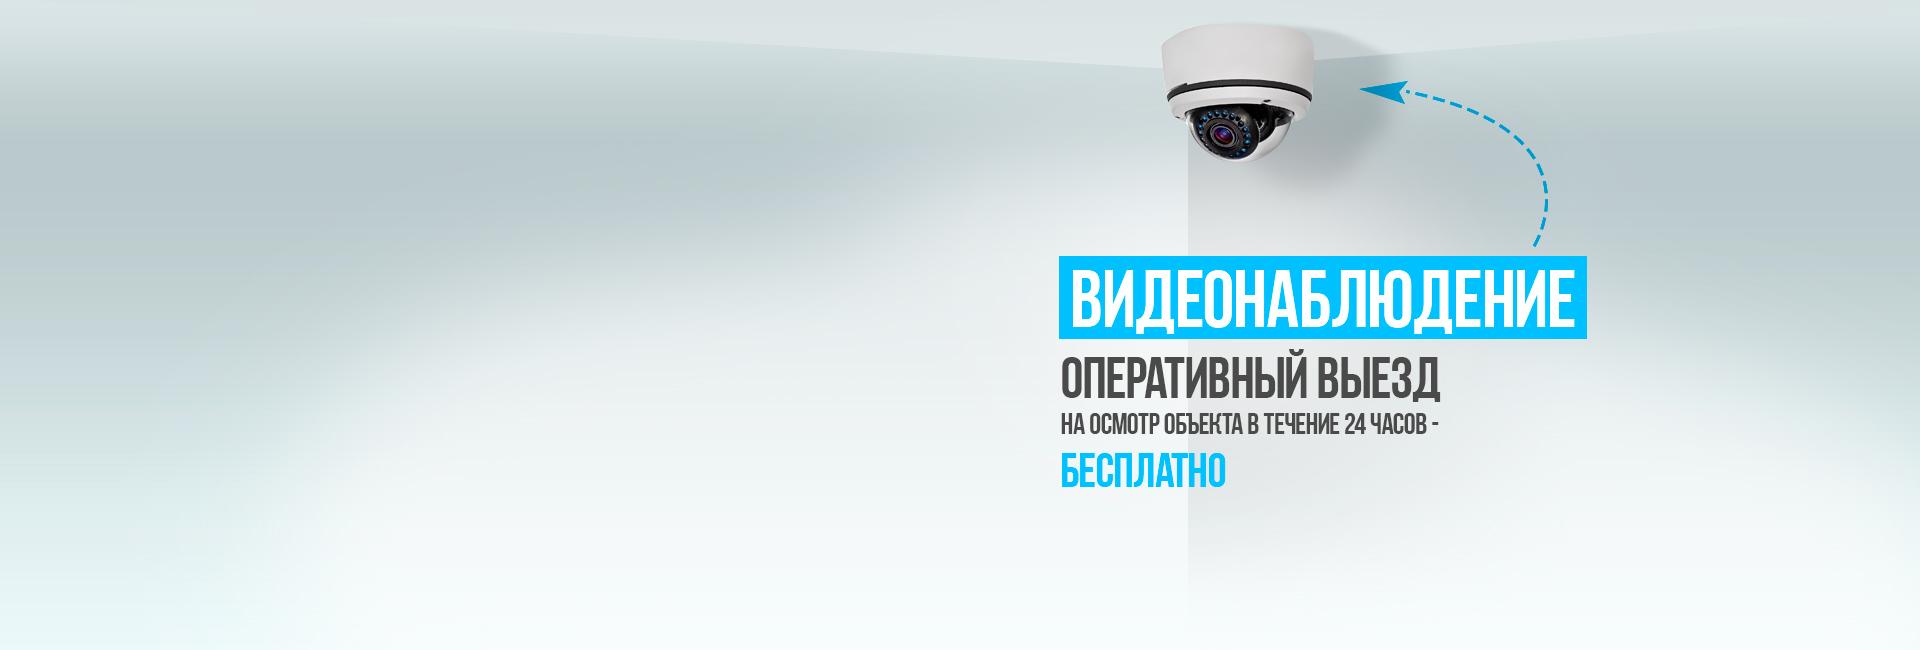 проектирование и монтаж системы безопасности и видеонаблюдения